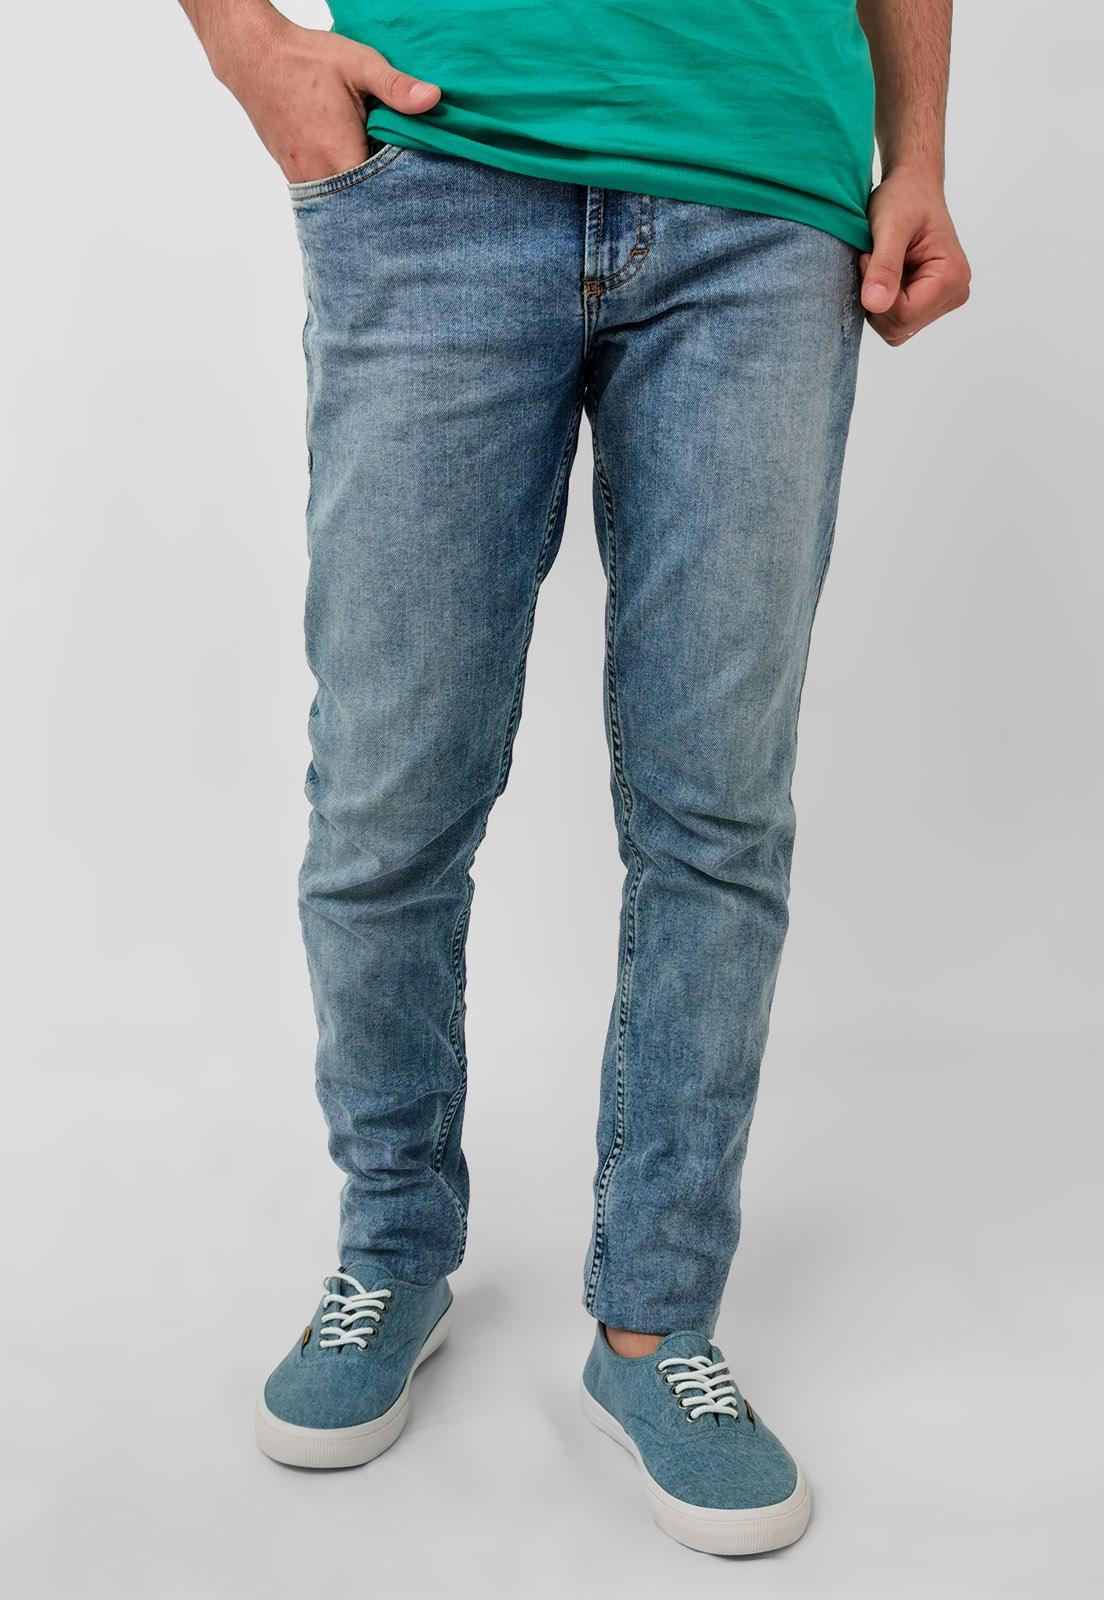 Calça Jeans Docthos Skinny Lavado